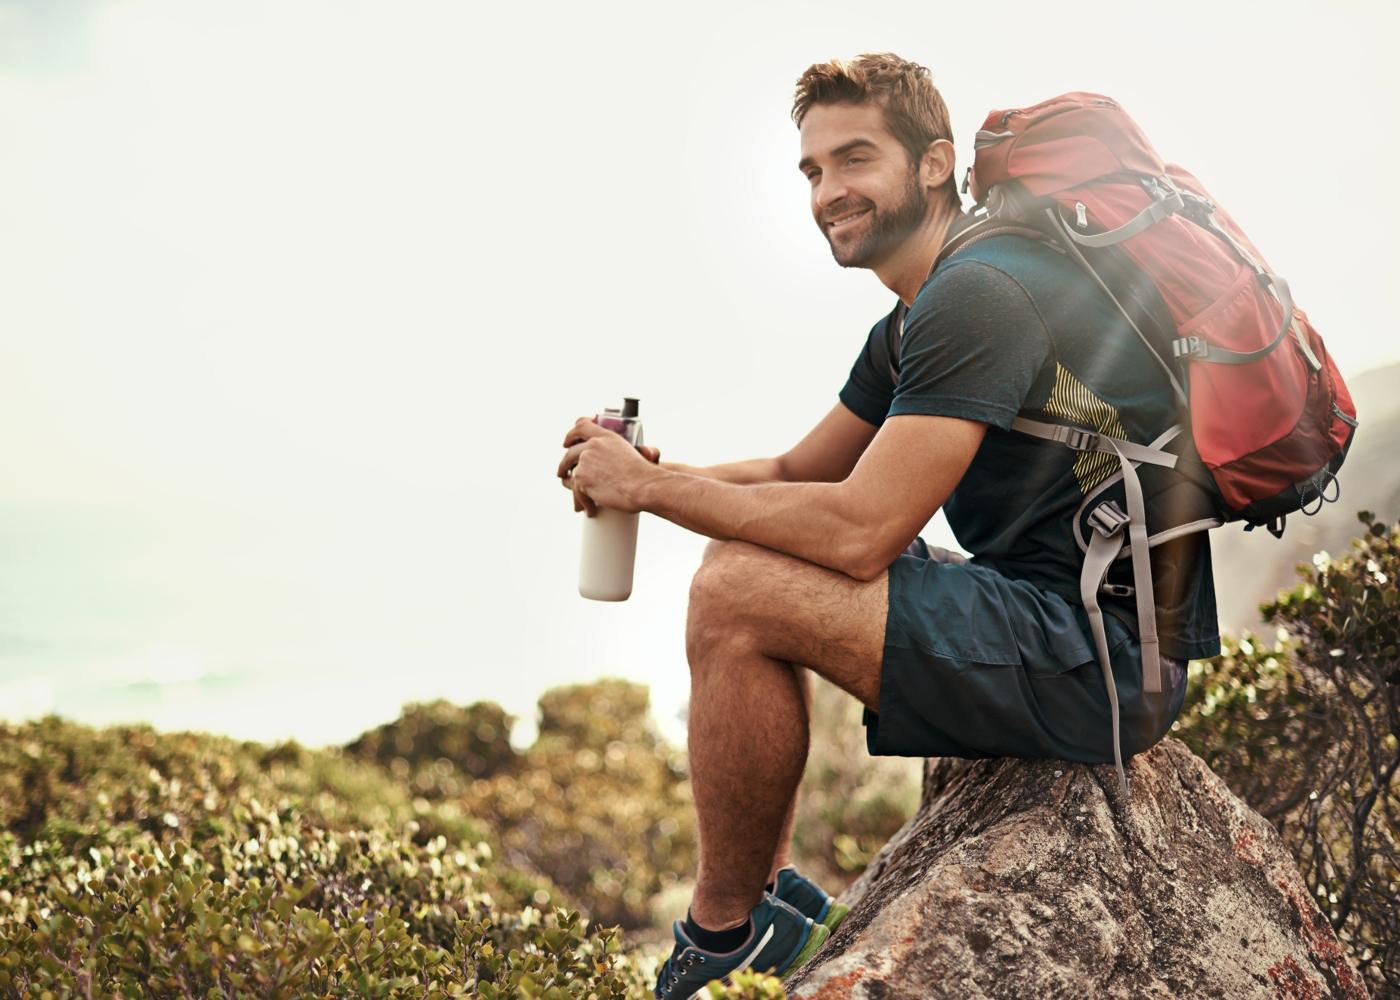 Homem com equipamento de trekking